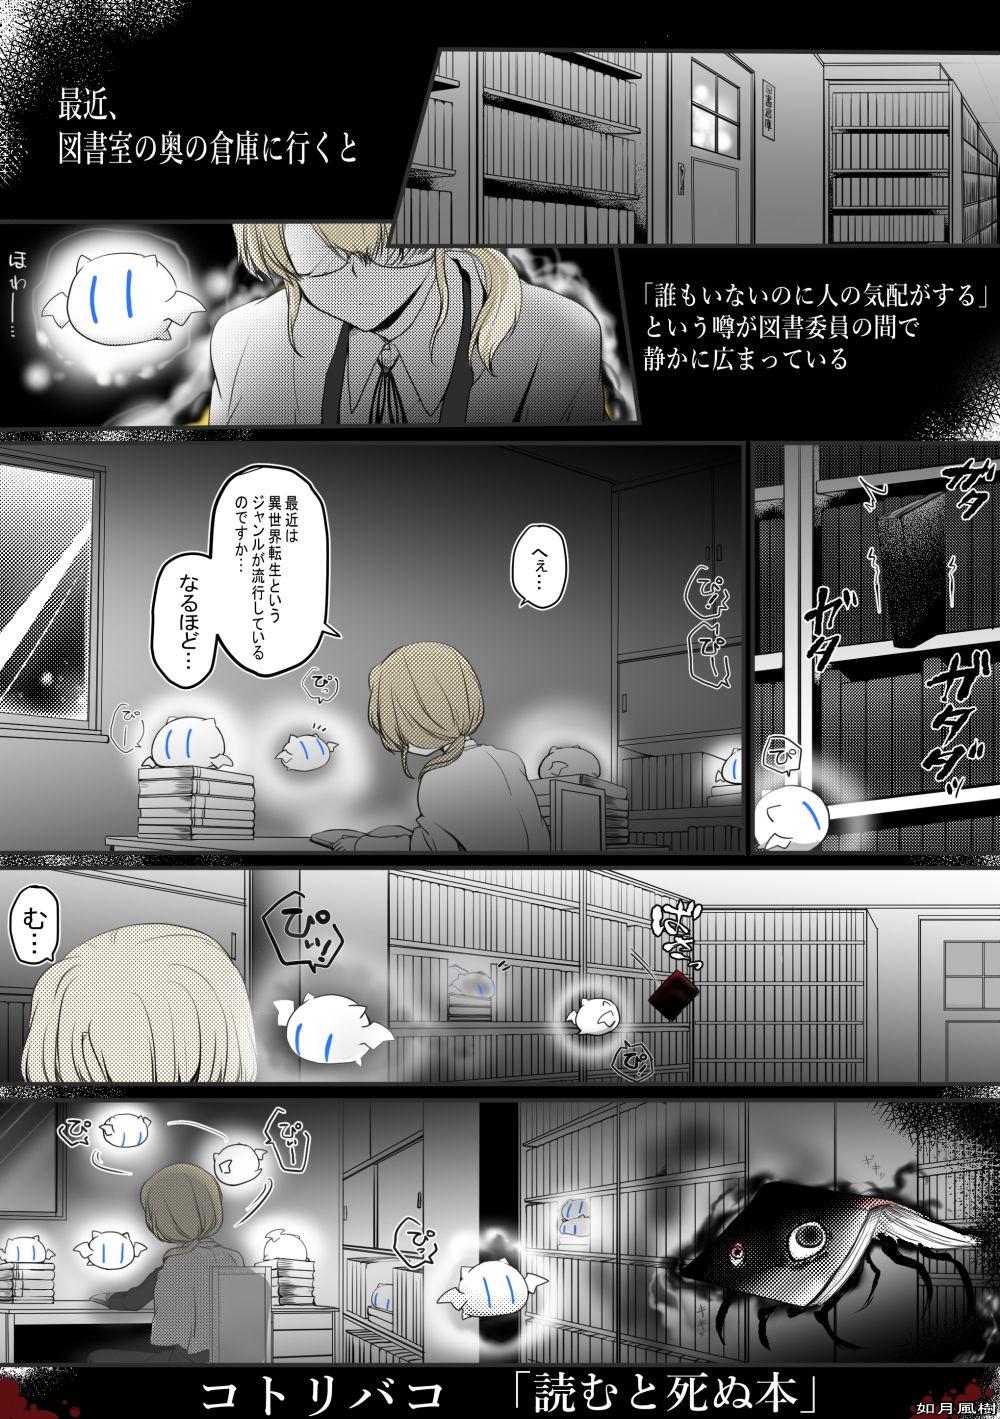 コトリバコ【読むと死ぬ本】